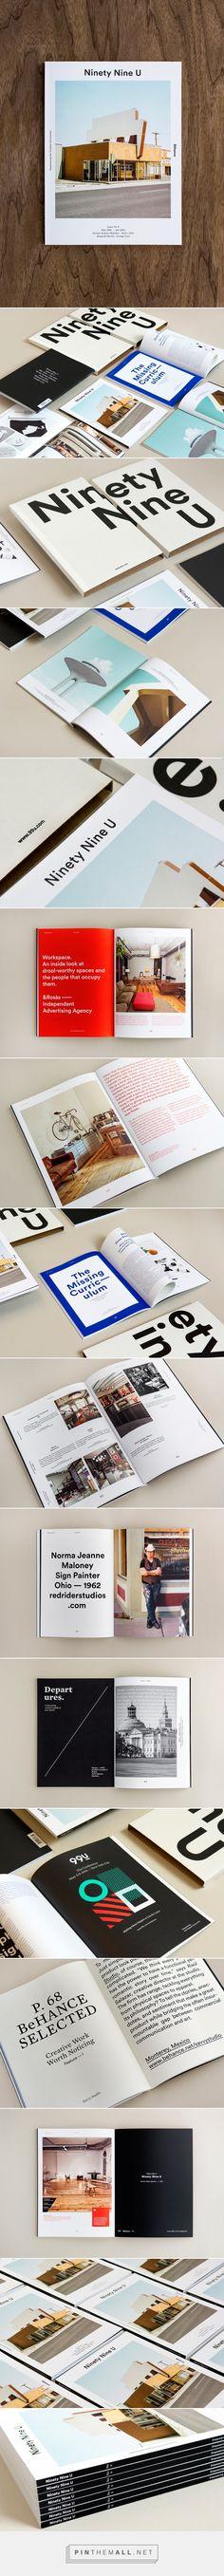 Ninety Nine U Magazine No 9 on Behance